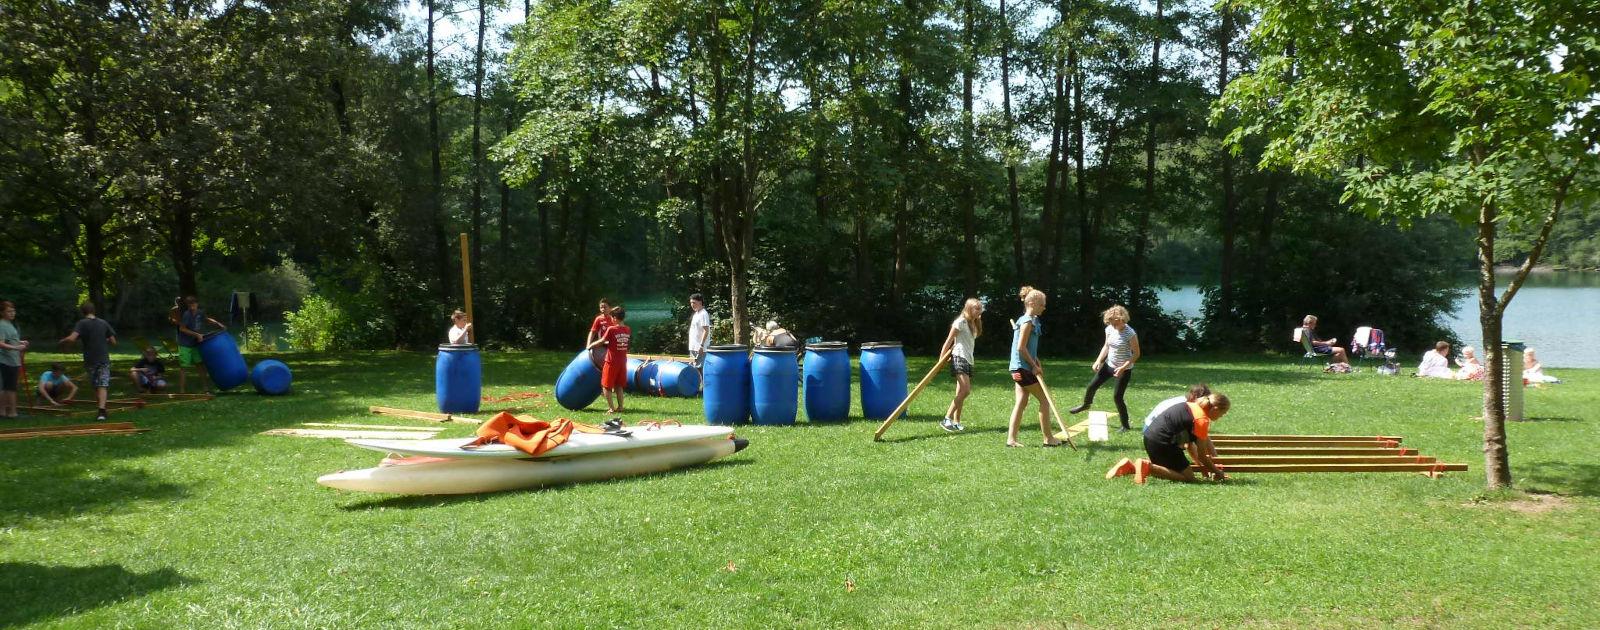 Kinder und Jugendliche beim Floßbauen während des Sommerferienprogramms